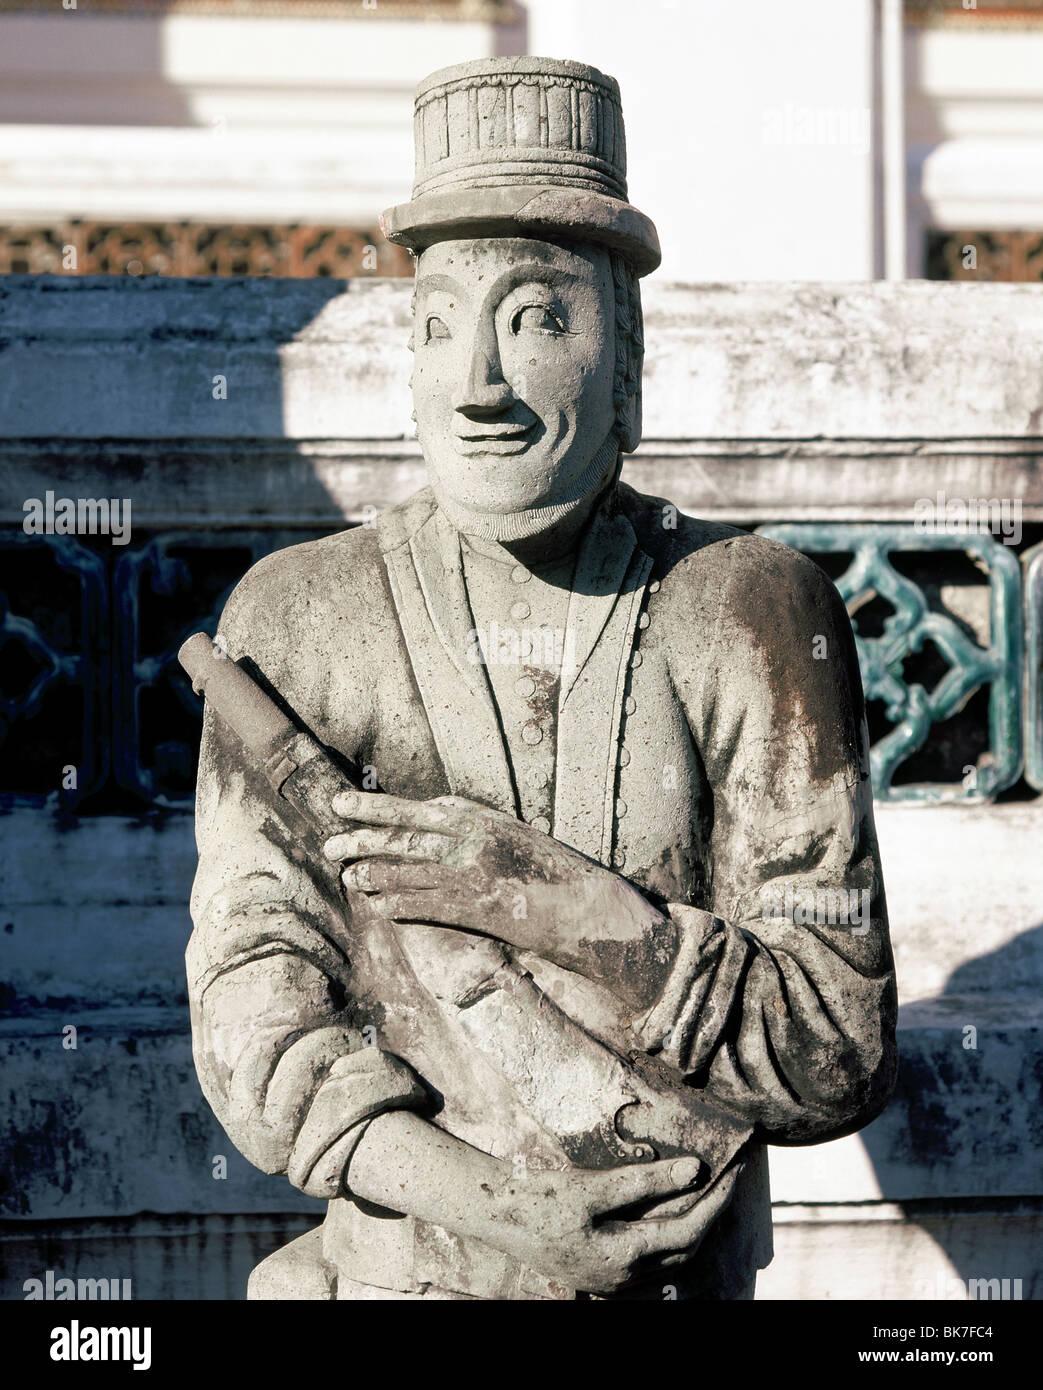 Estatua de piedra de fabricación china mostrando un soldado europeo, Wat Suthat de Bangkok, Tailandia, el sudeste Imagen De Stock